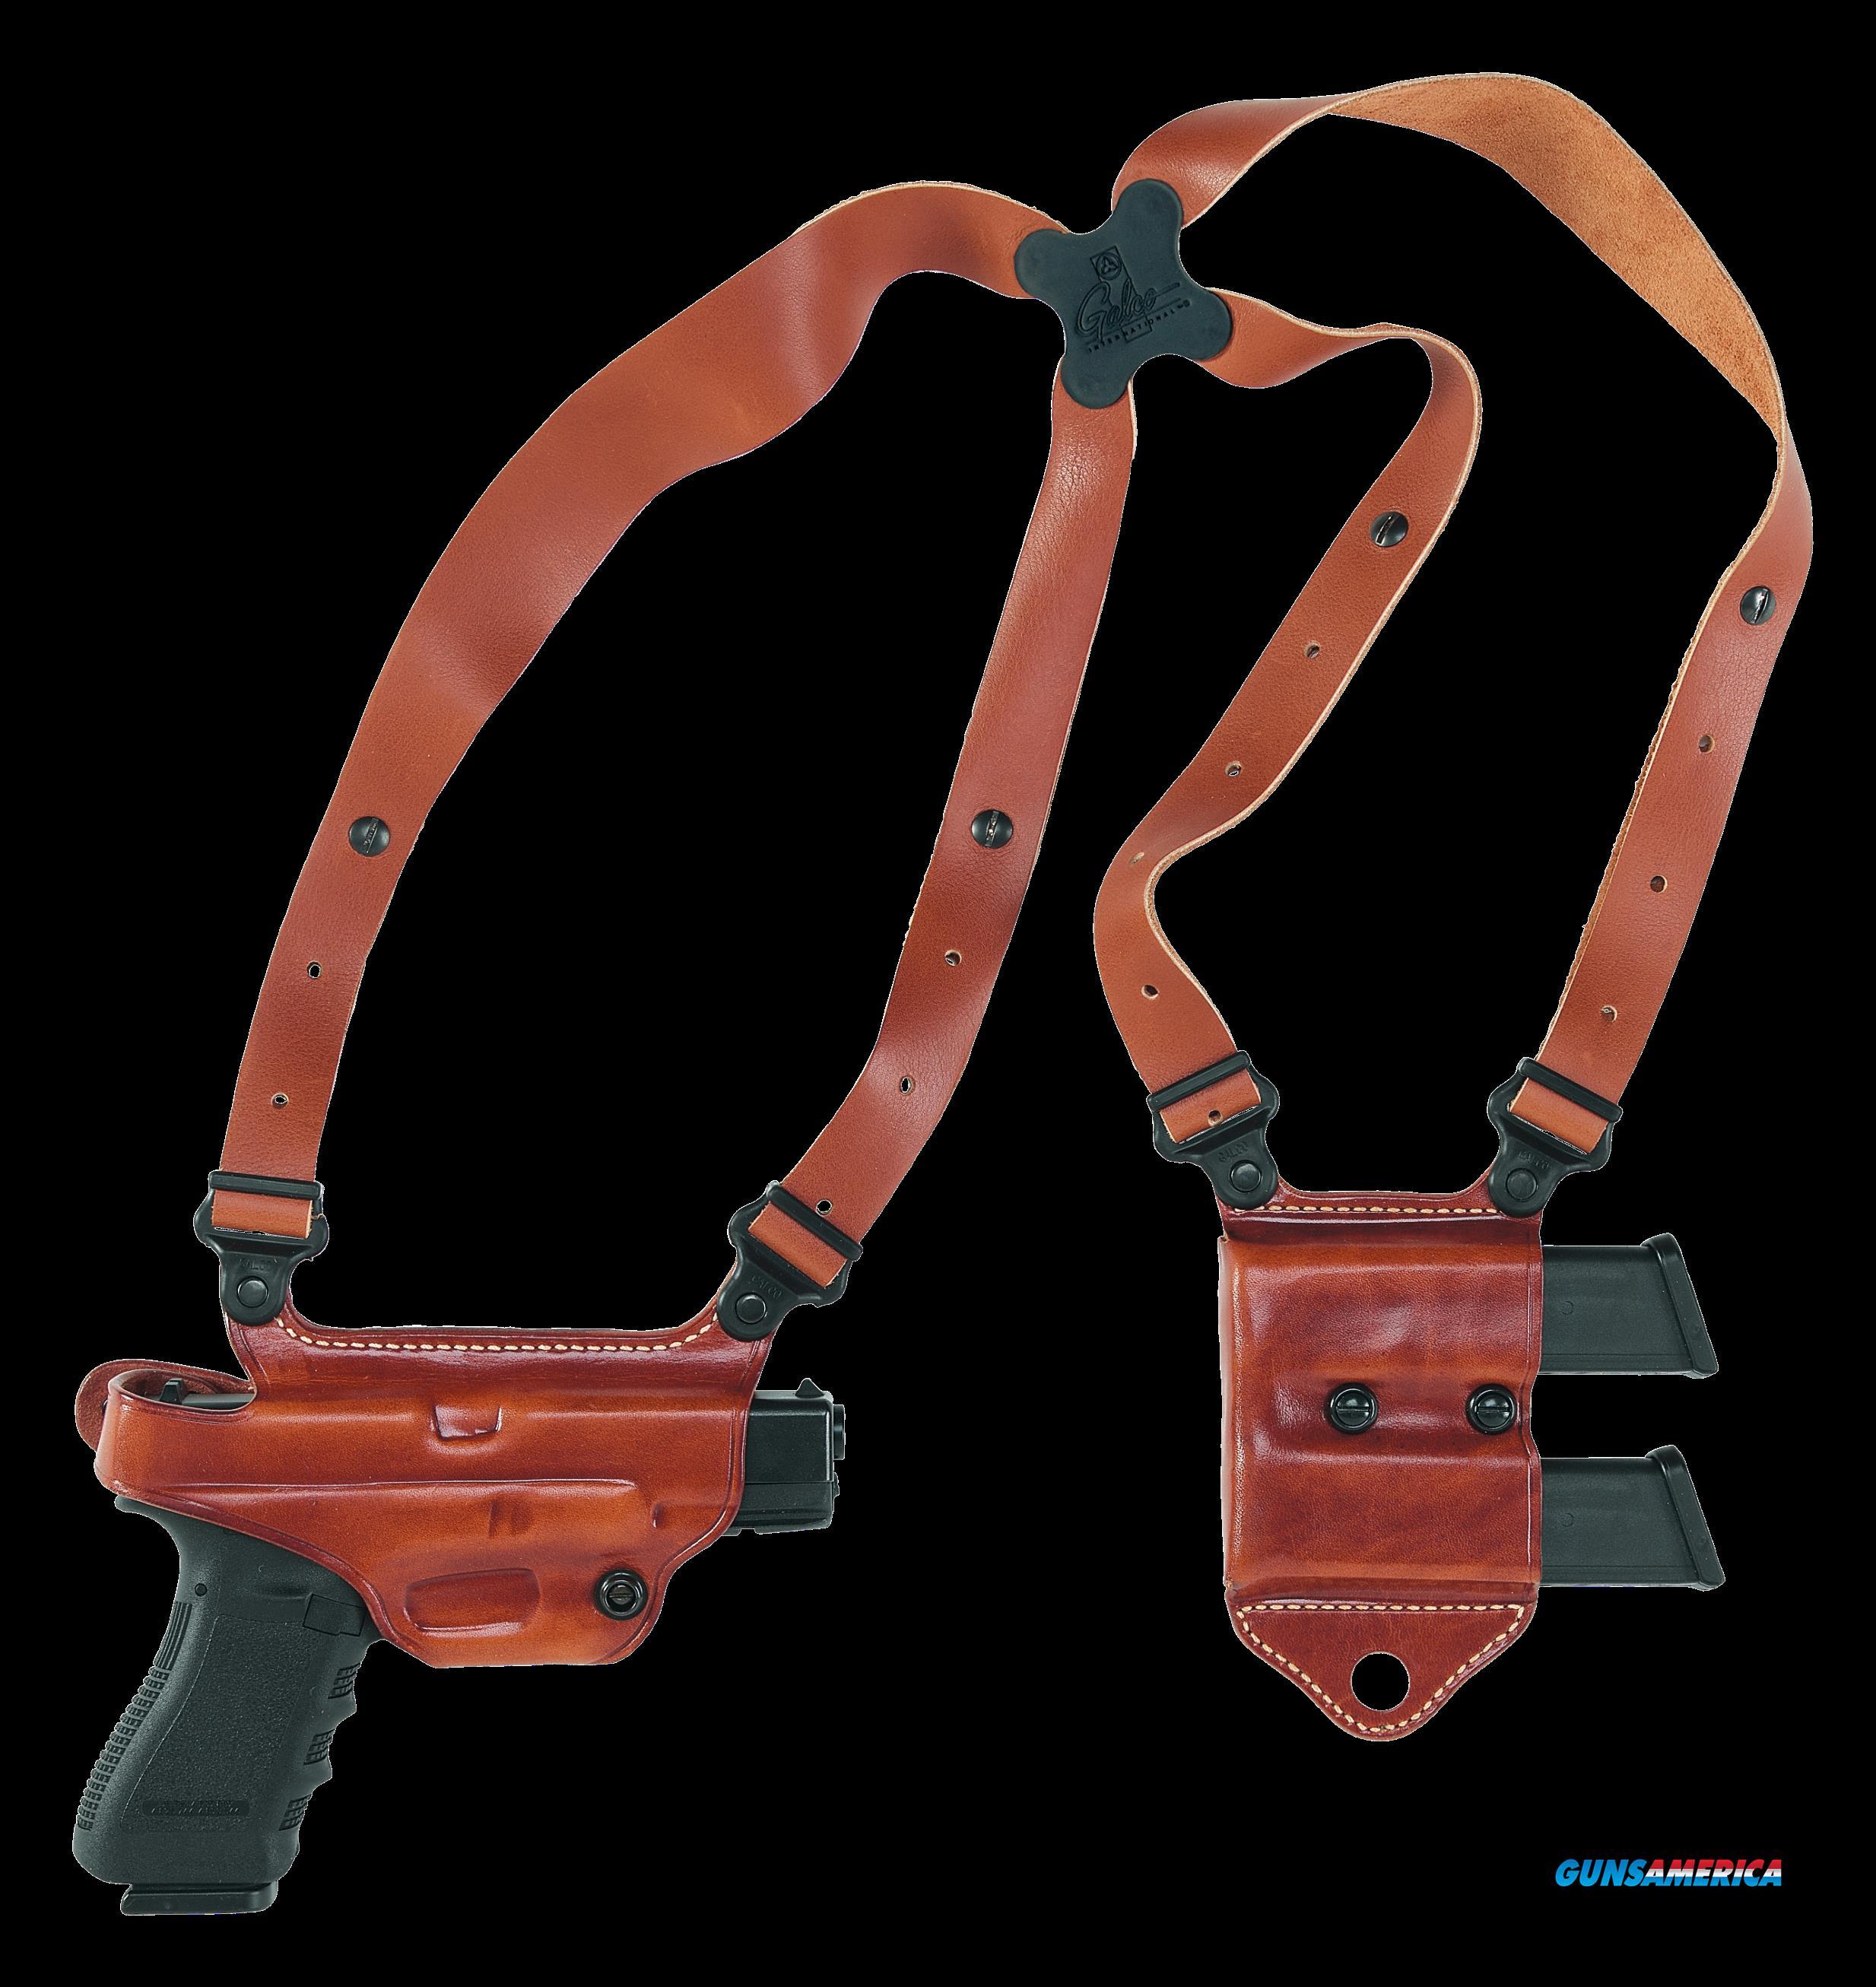 Galco Miami Classic Ii, Galco Mcii212  Miami Classic Ii Tan  Guns > Pistols > 1911 Pistol Copies (non-Colt)